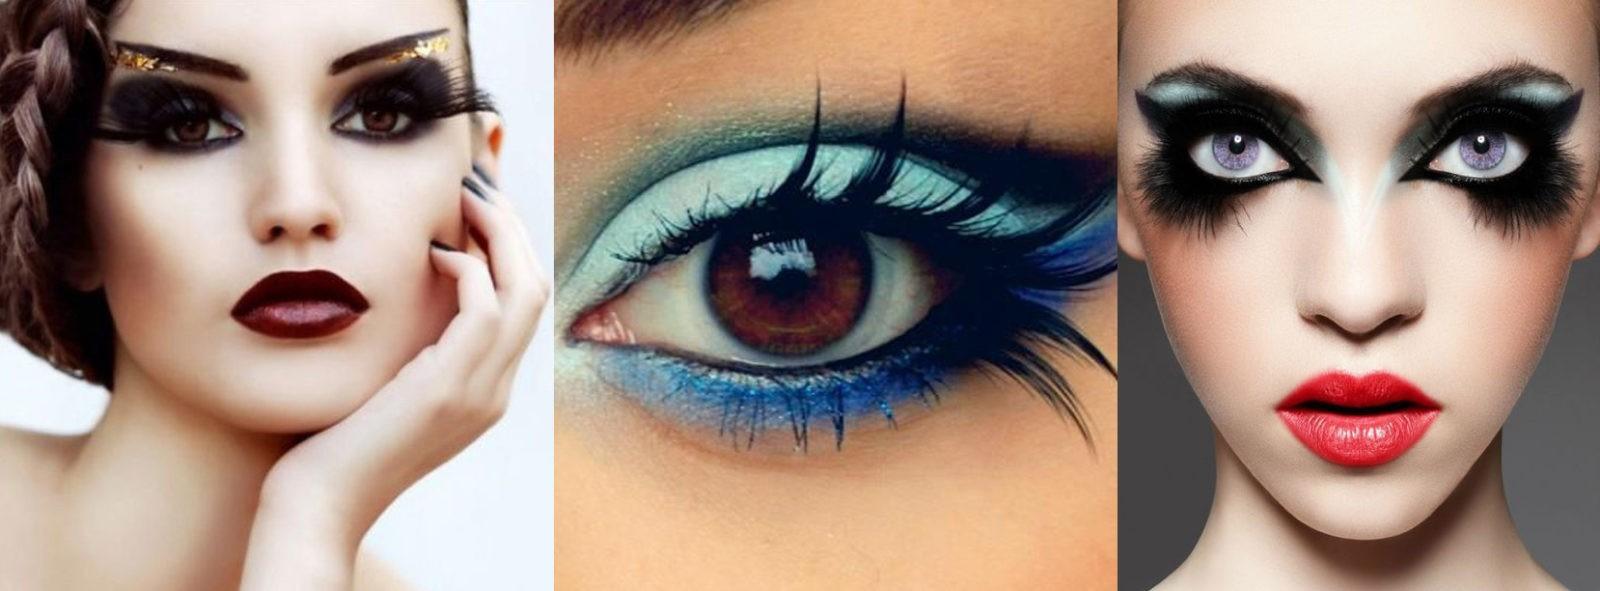 Праздничный макияж глаз с перьями